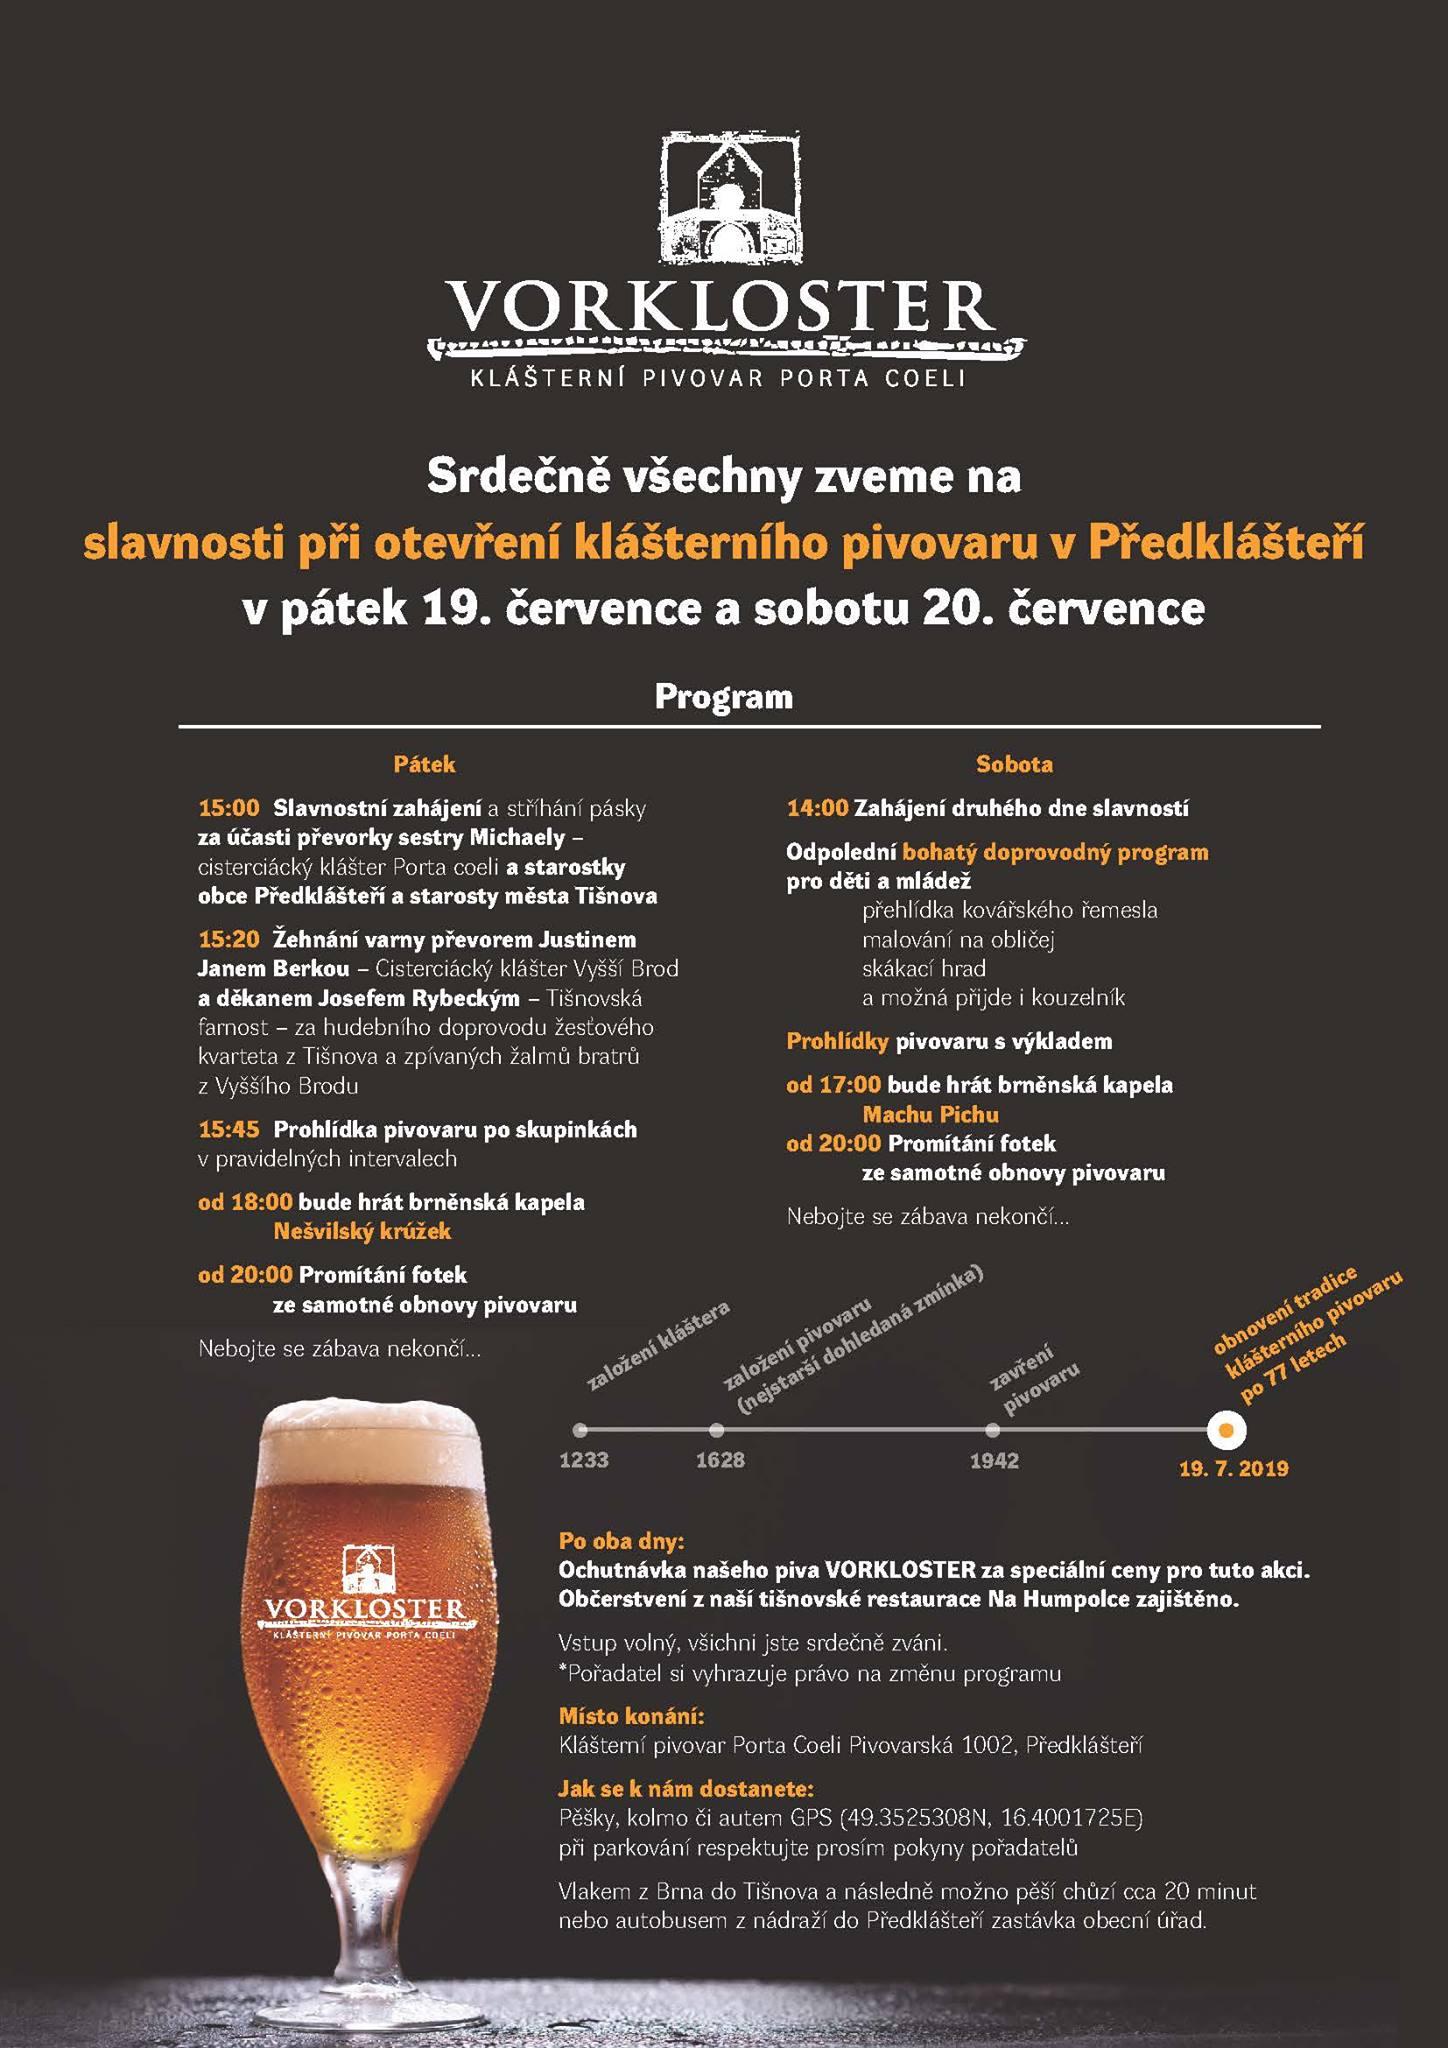 pivovari-pivovary-pivni-akce-otevreni-klasterni-pivovar-porta-coeli-vorkloster